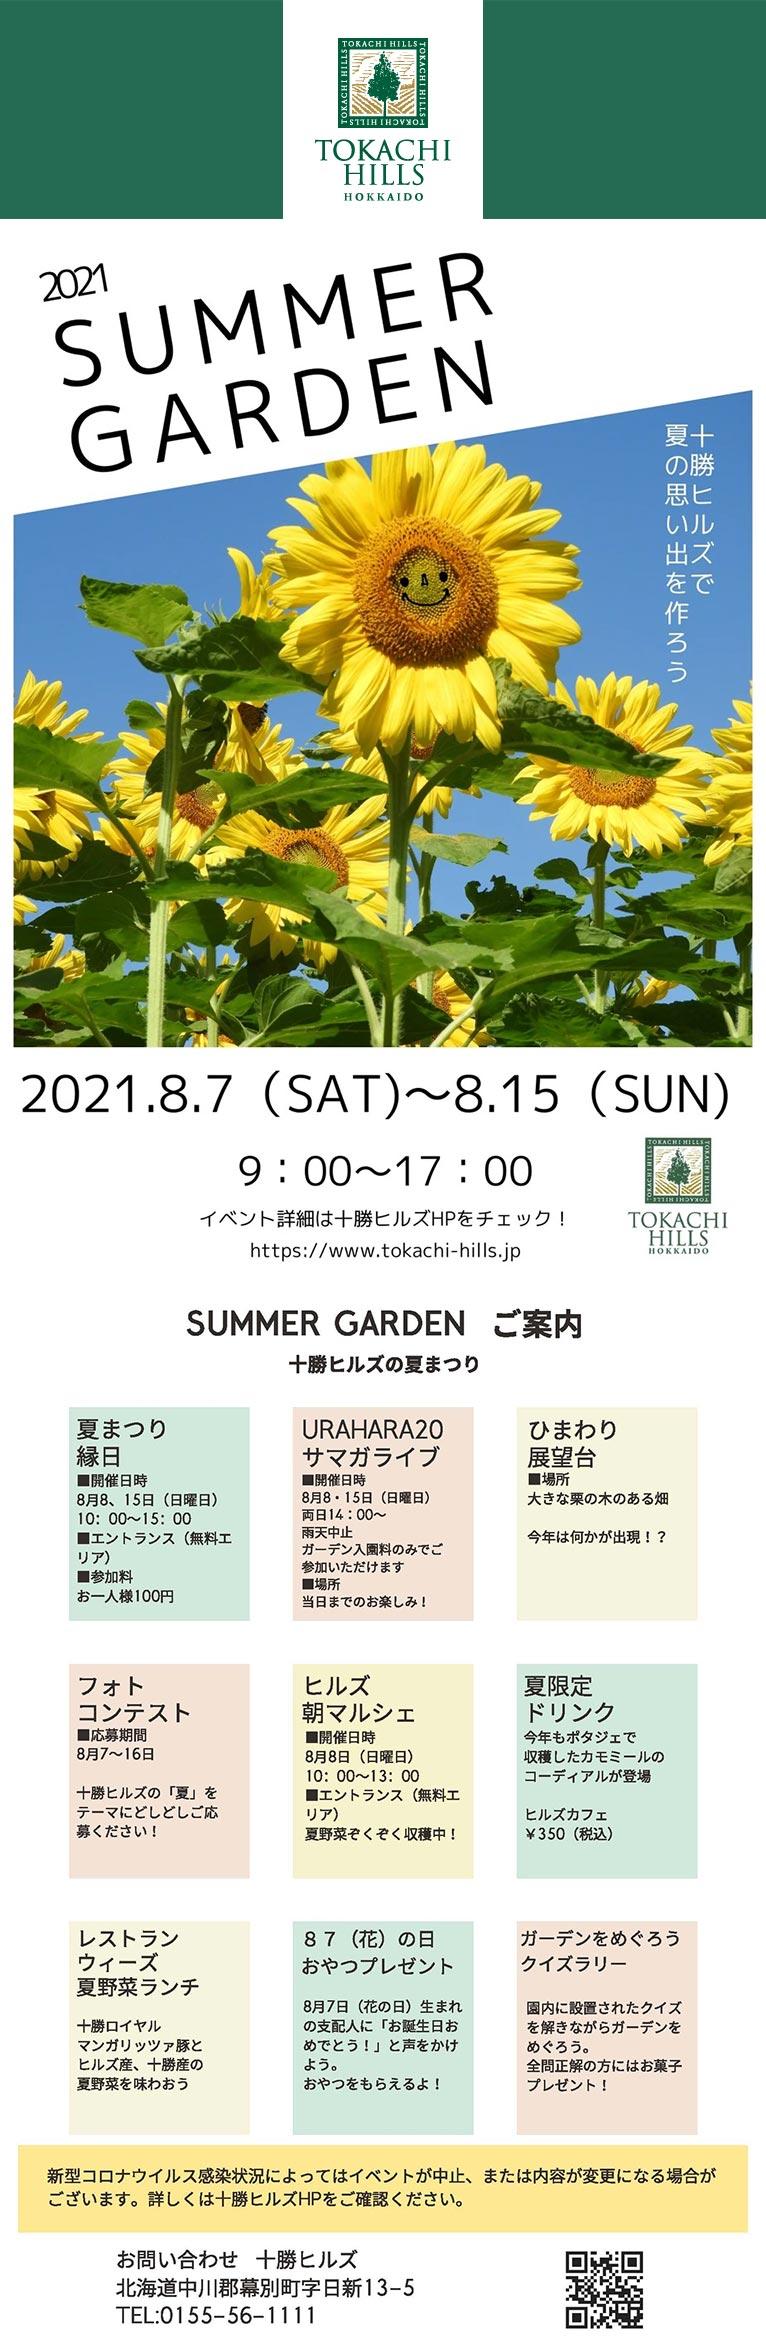 2021年8月7~15日十勝ヒルズの夏まつり「SUMMER GARDEN2021」